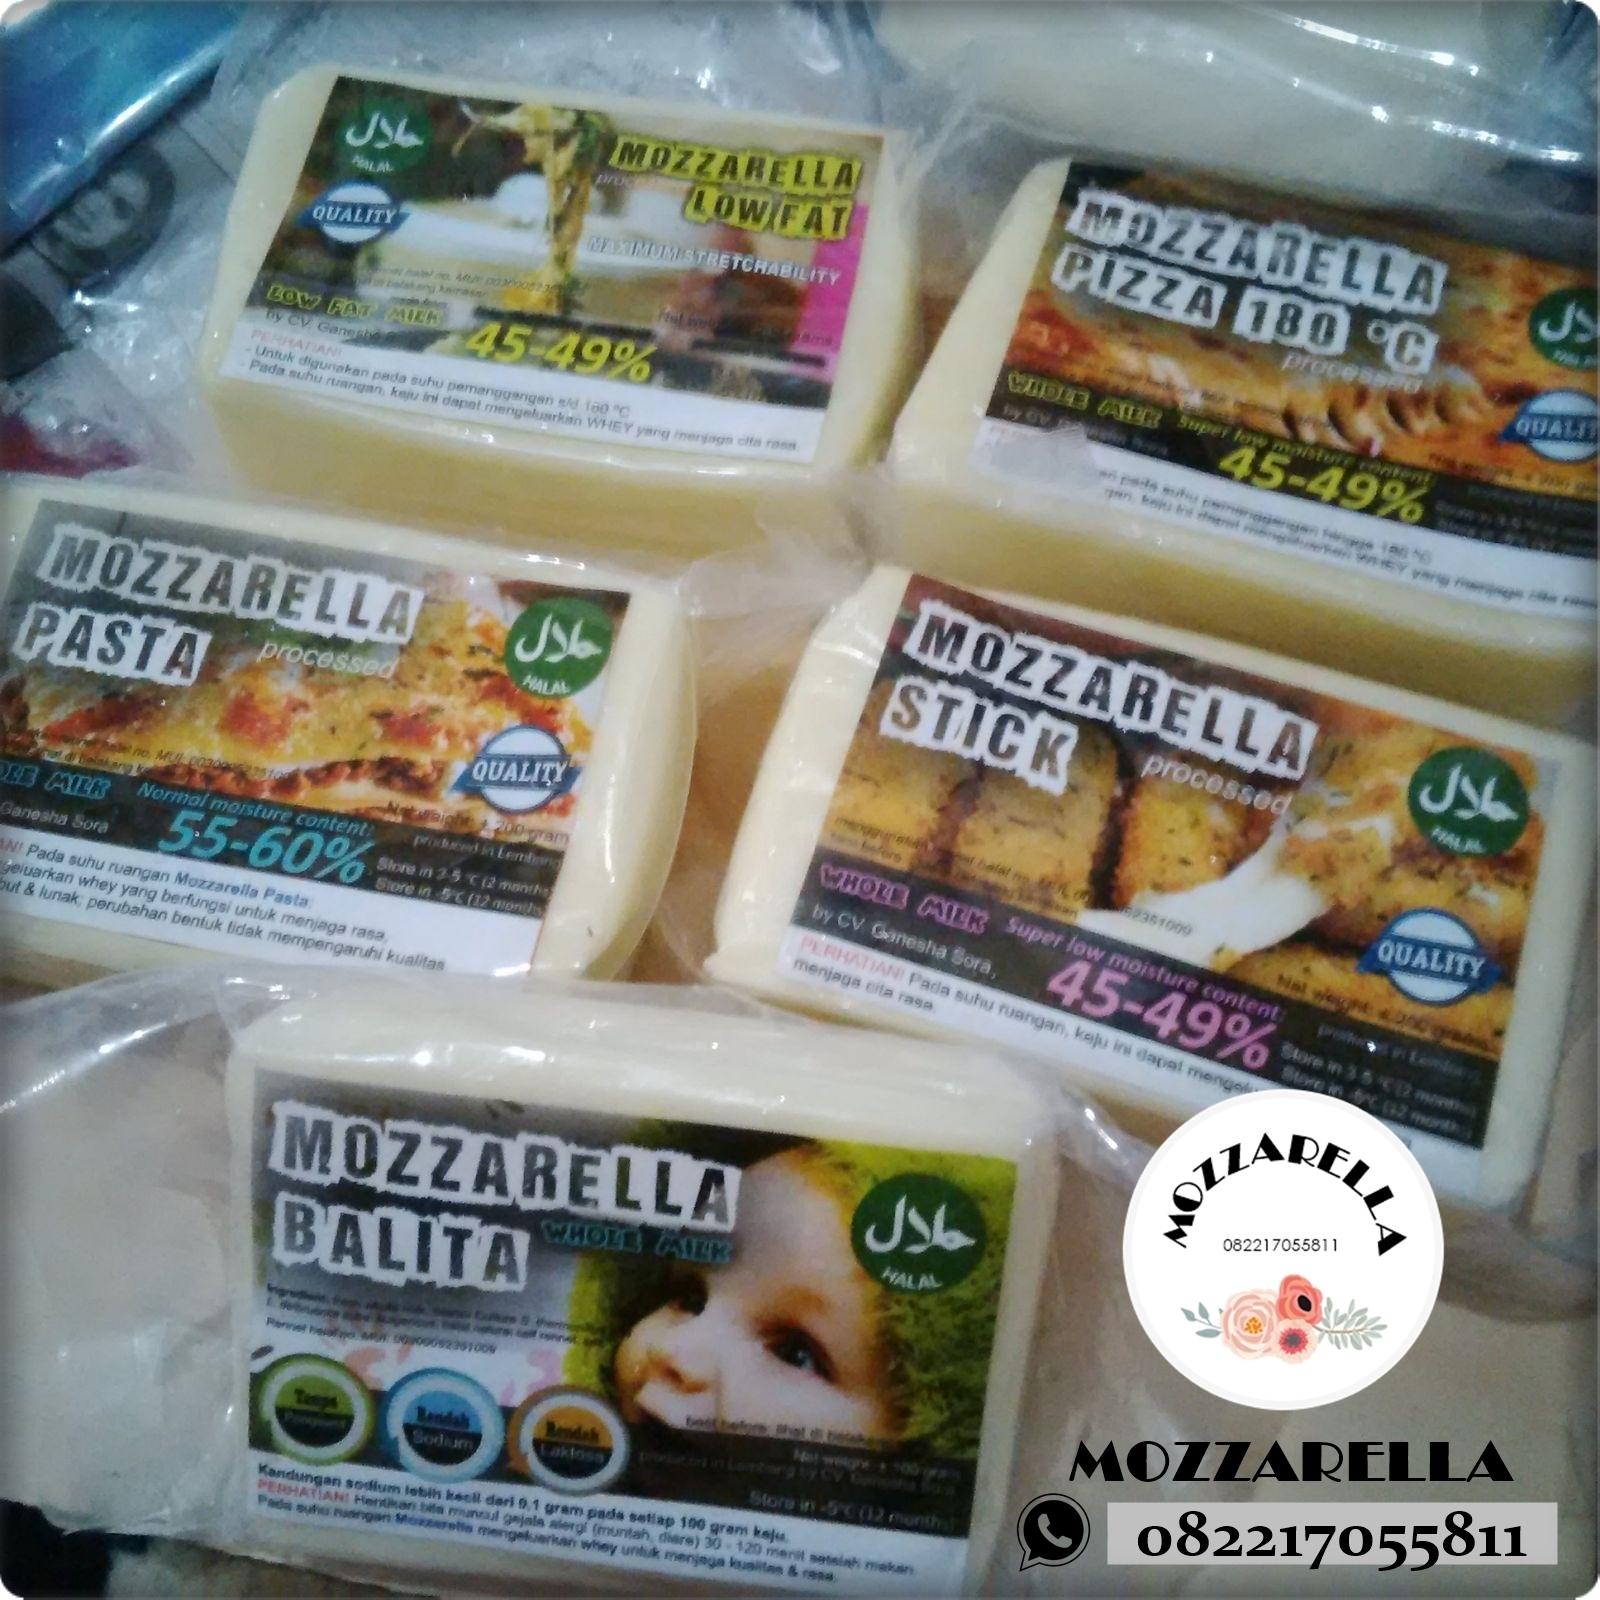 Keju Mozzarella Halal Bandung Stik Kraft Tidak Rotinya Sarapan Kumpulan Cured Cheese Kemarin Des Dari Goreng Nanya Jakarta Surabaya Bekasi Medan Tangerang